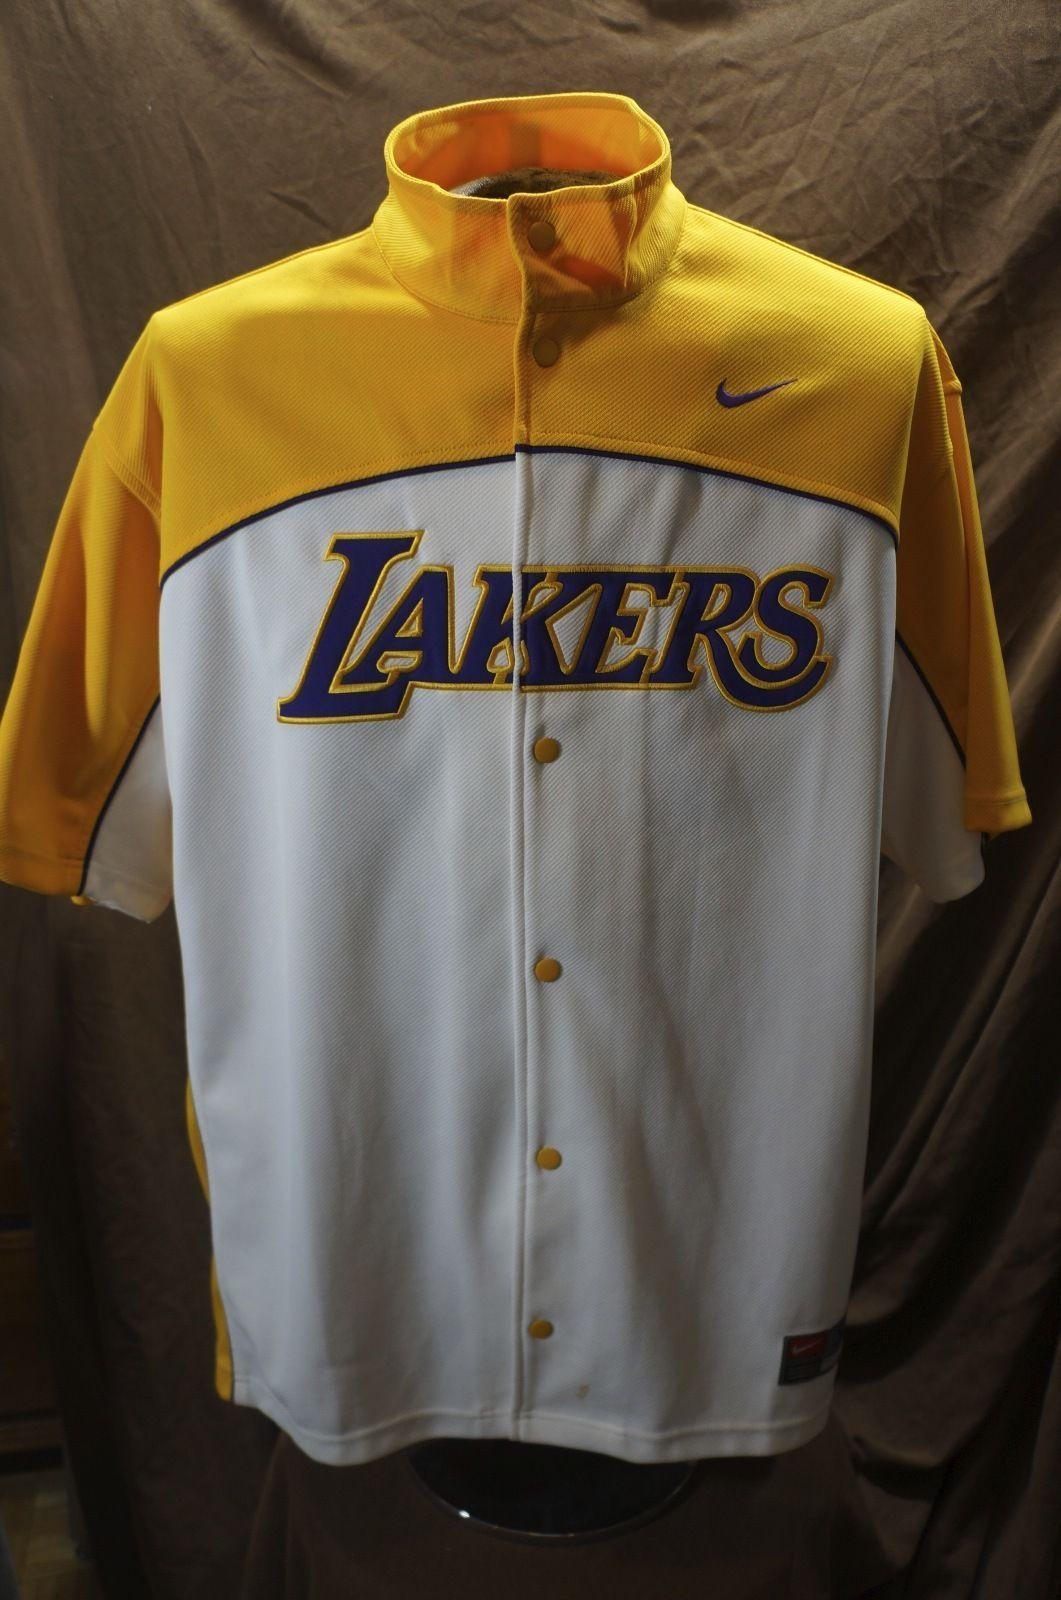 Vtg Los Angeles Lakers Nike Nba Sewn Warmup Shooting Jersey Shirt Xl Jersey Shirt Los Angeles Lakers Lakers